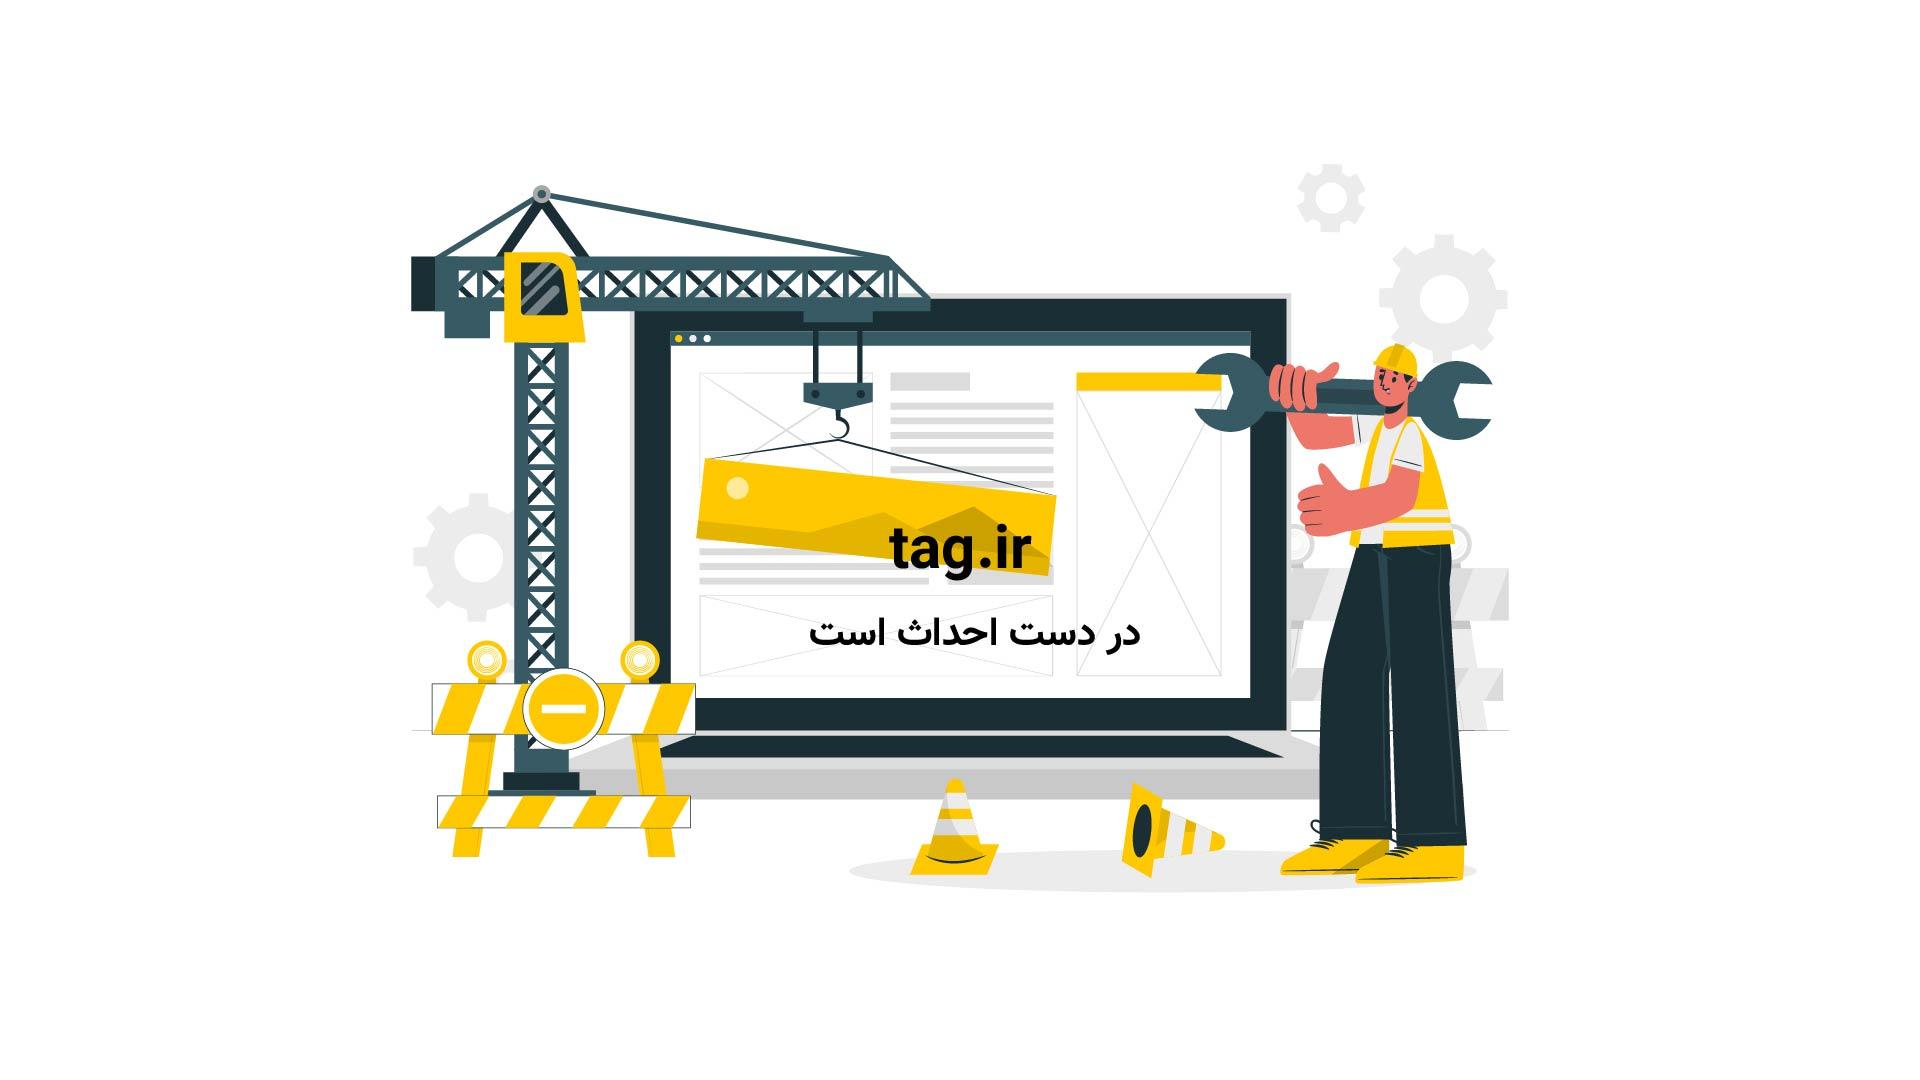 گریز ۱۰ هزارتن از ساکنان شرق حلب با پیشروی نیروهای ارتش سوریه | فیلم